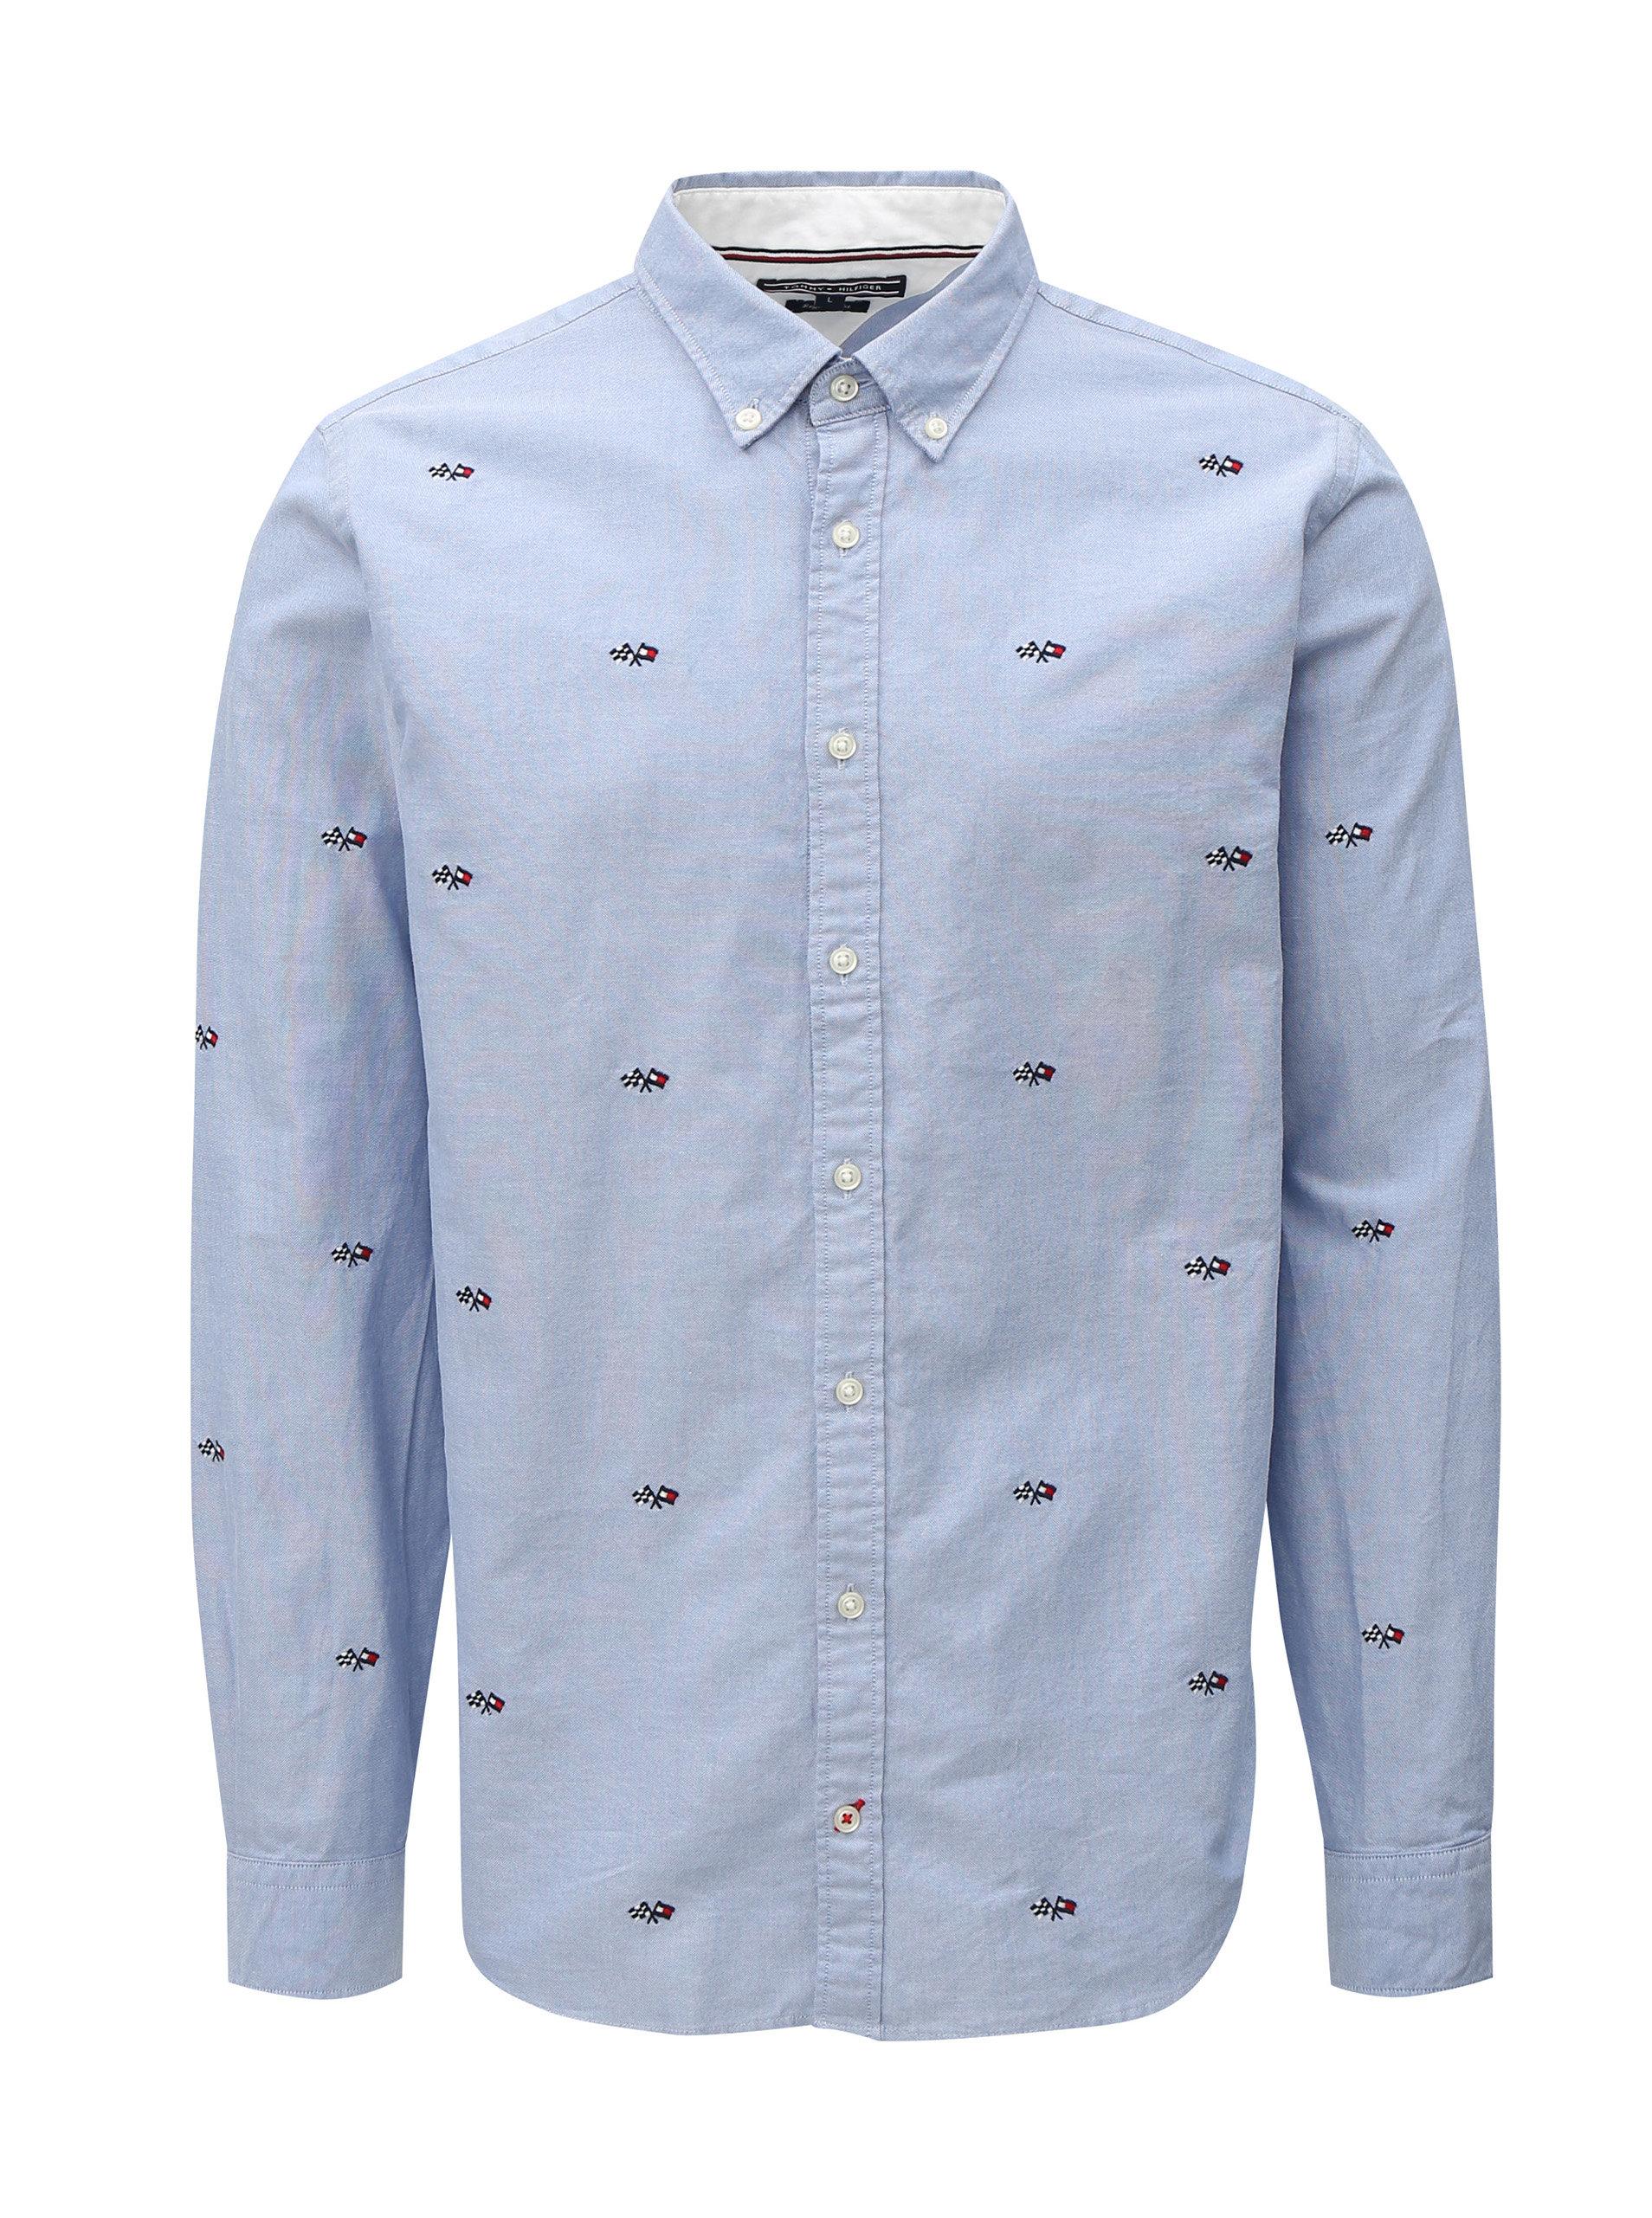 c563668296c Světle modrá pánská vzorovaná regular fit košile Tommy Hilfiger ...